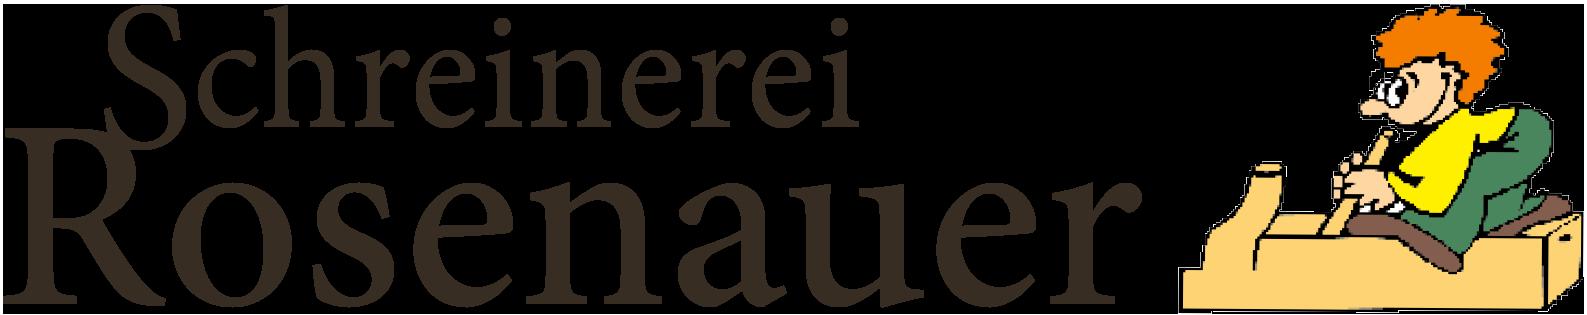 Schreinerei Rosenauer